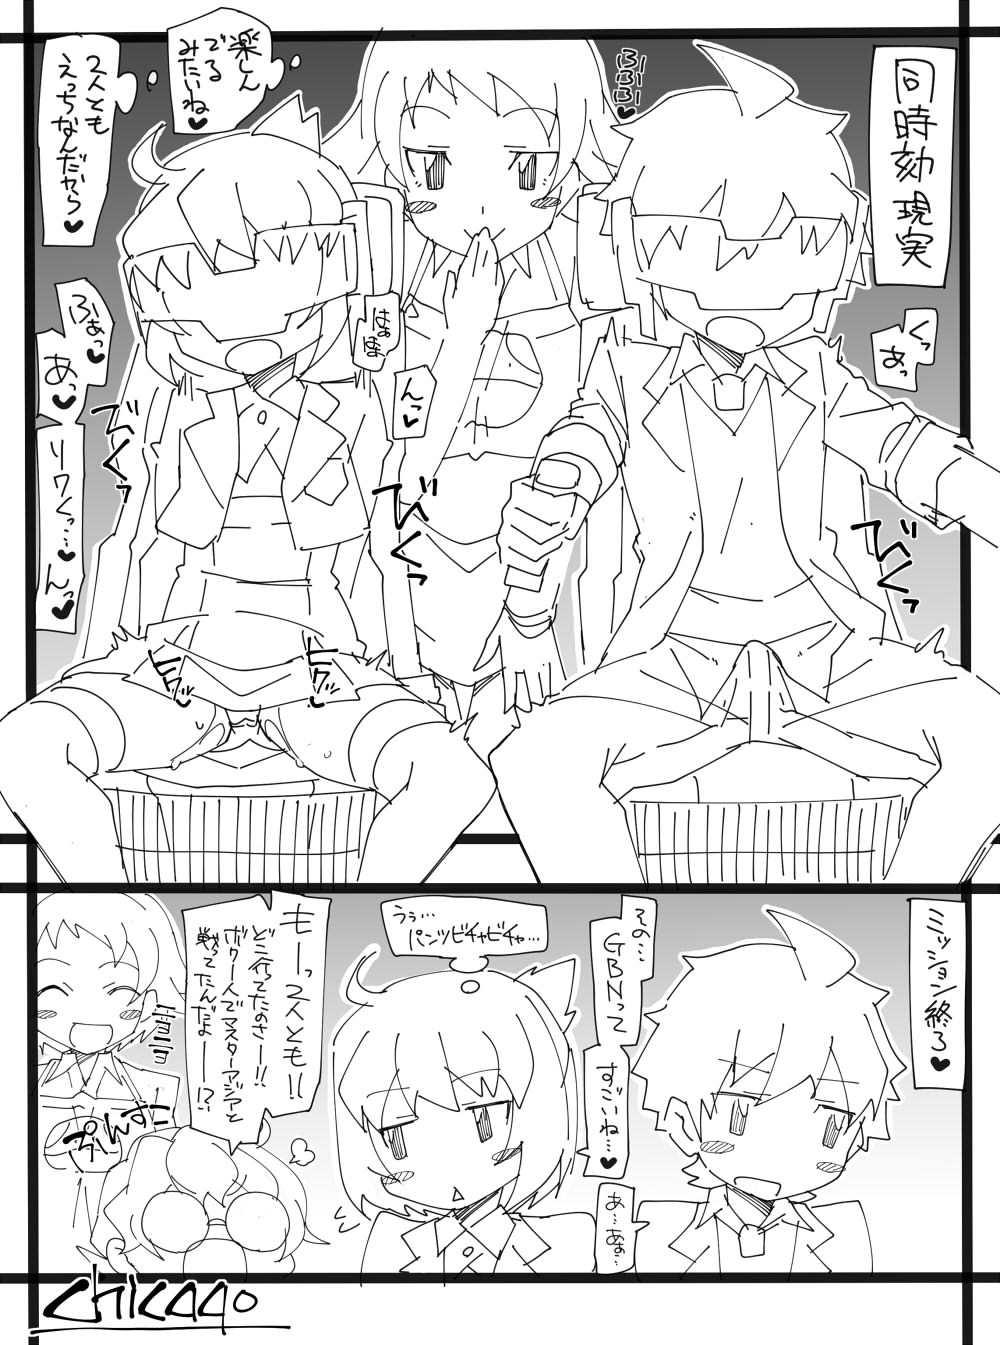 【二次元】ヤシロ・モモカの対面座位セックスエロ画像2【ガンダムビルドダイバーズ】